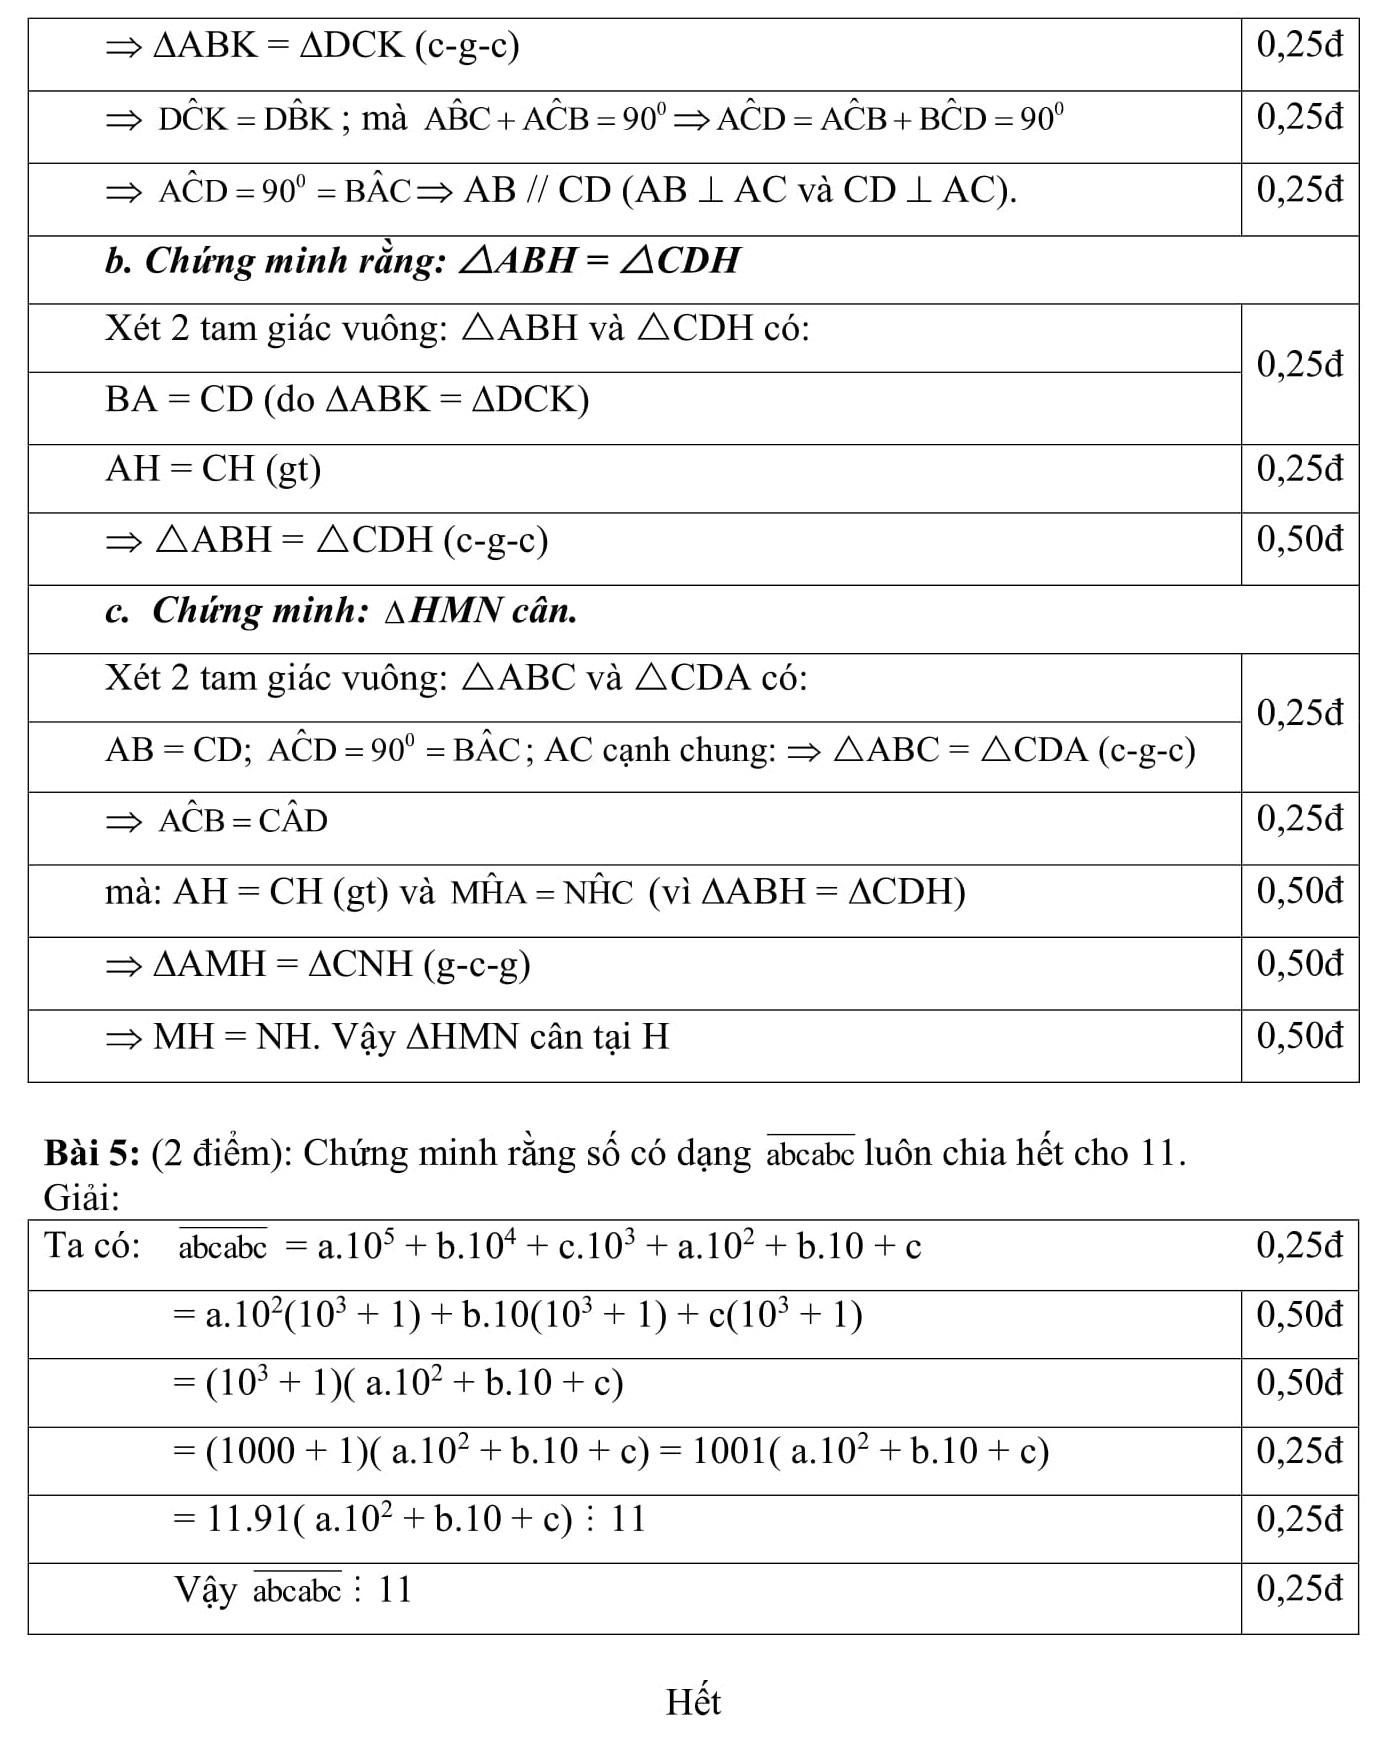 Đáp án và đề thi HSG toán 7 phòng GD&ĐT Phú Thiện 2009-2010